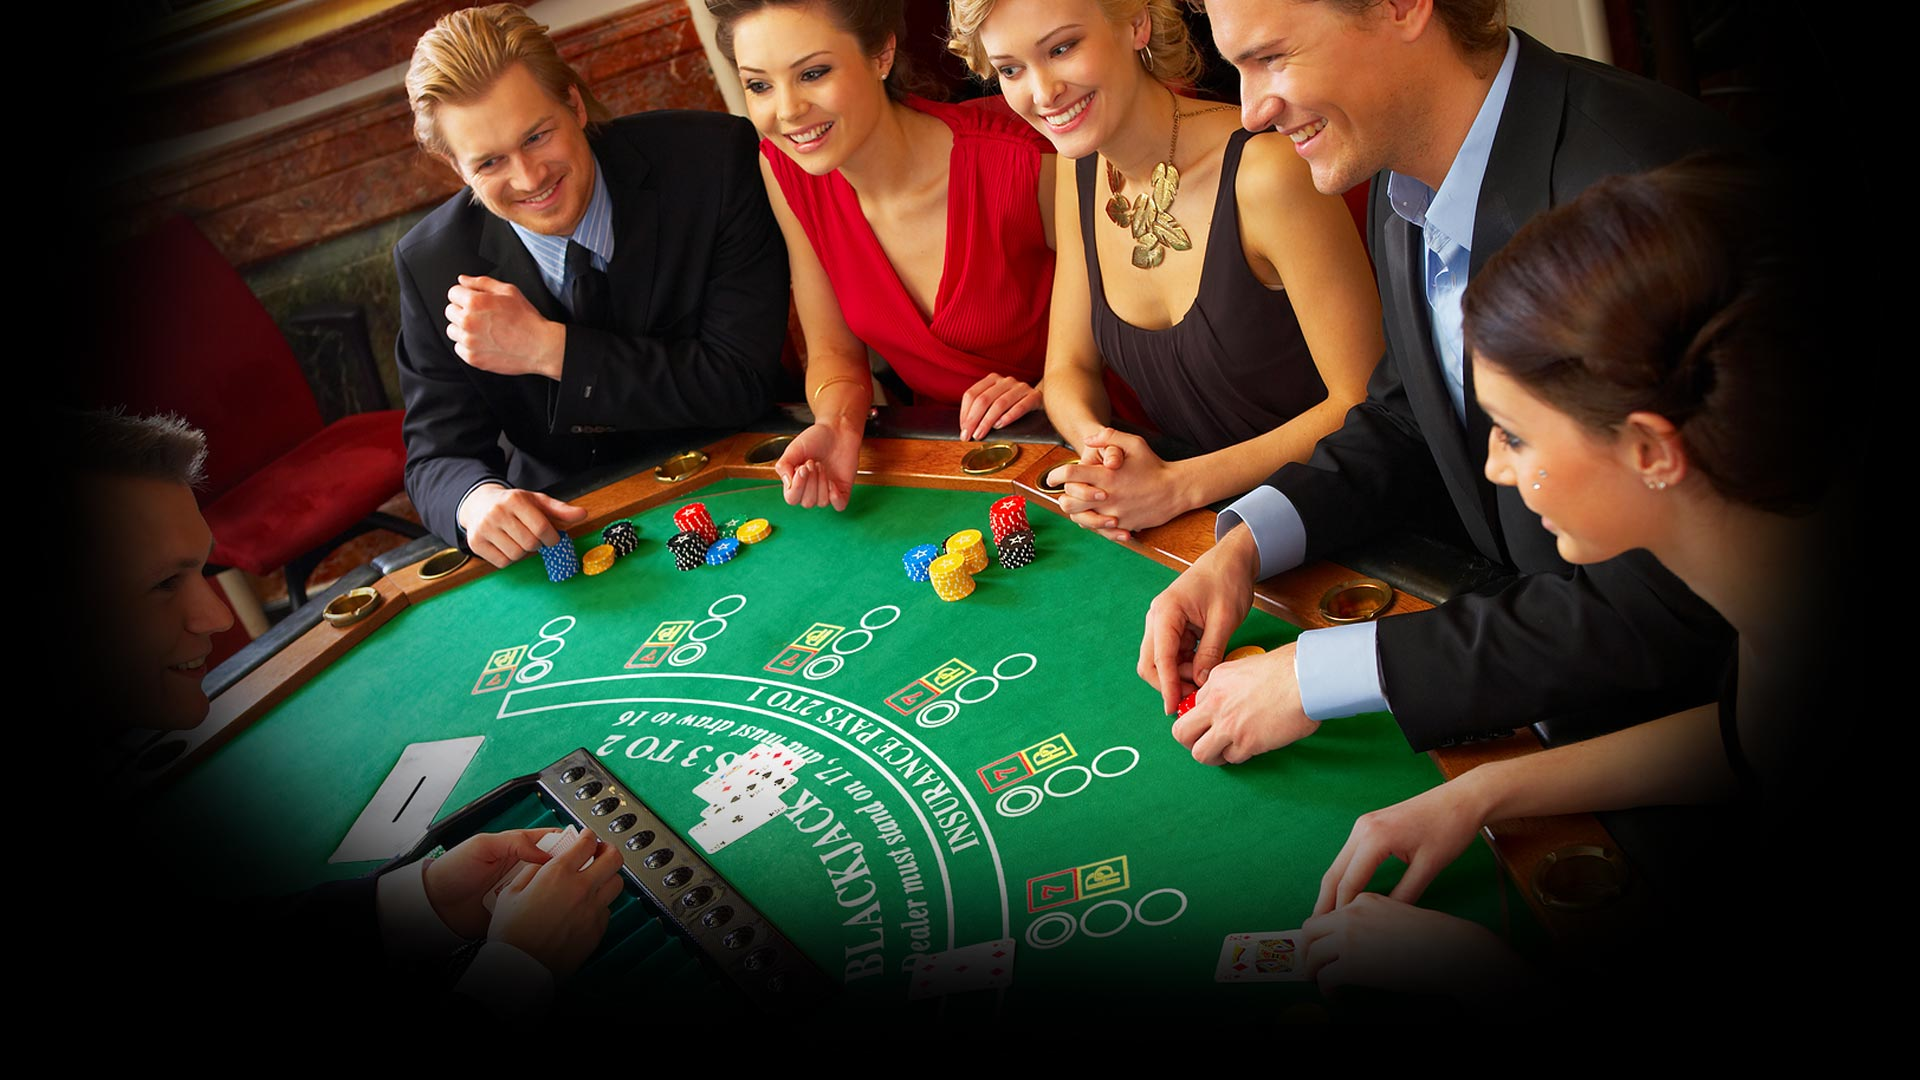 Blackjack, j'ai vraiment apprécié d'apprendre à jouer